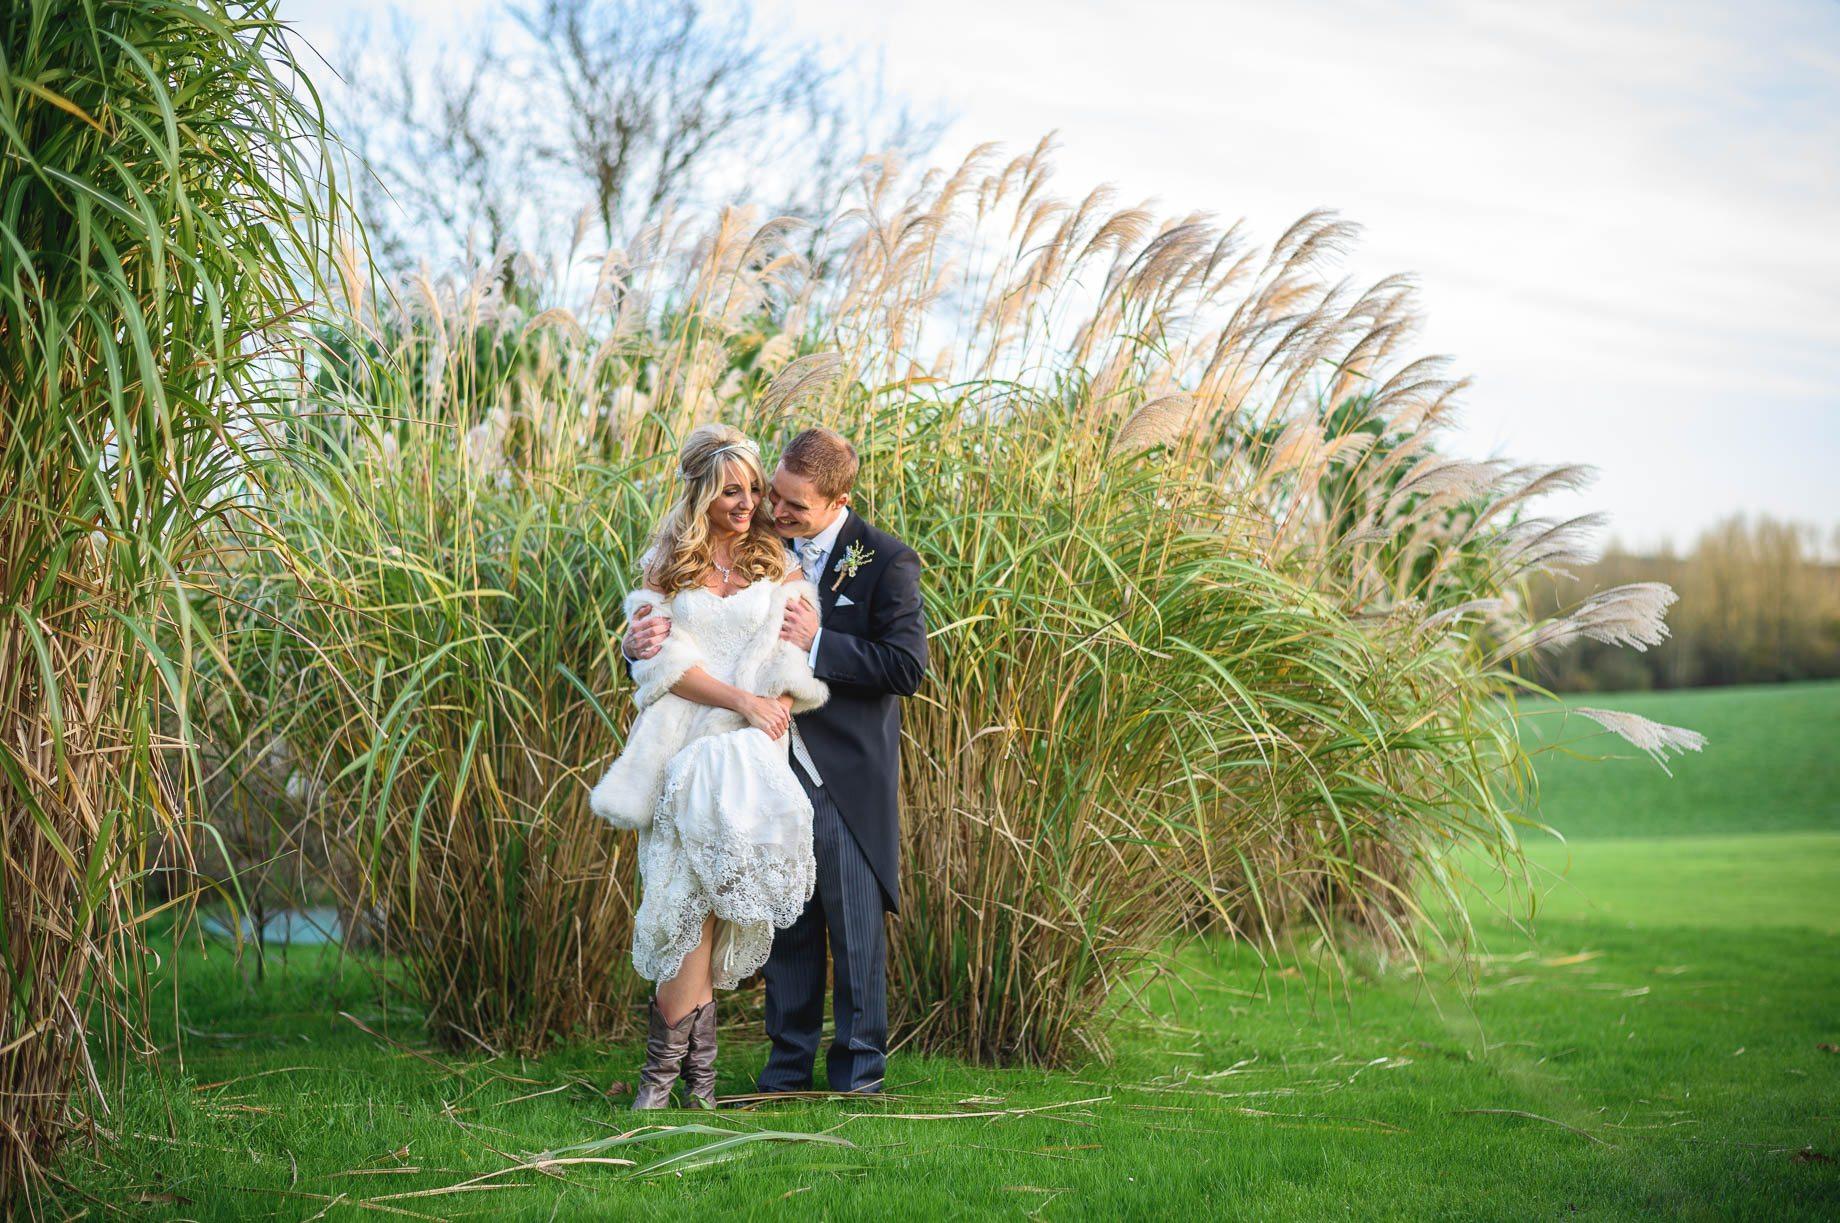 Bury-Court-Barn-wedding-photography-Lauren-and-Nick-136-of-215